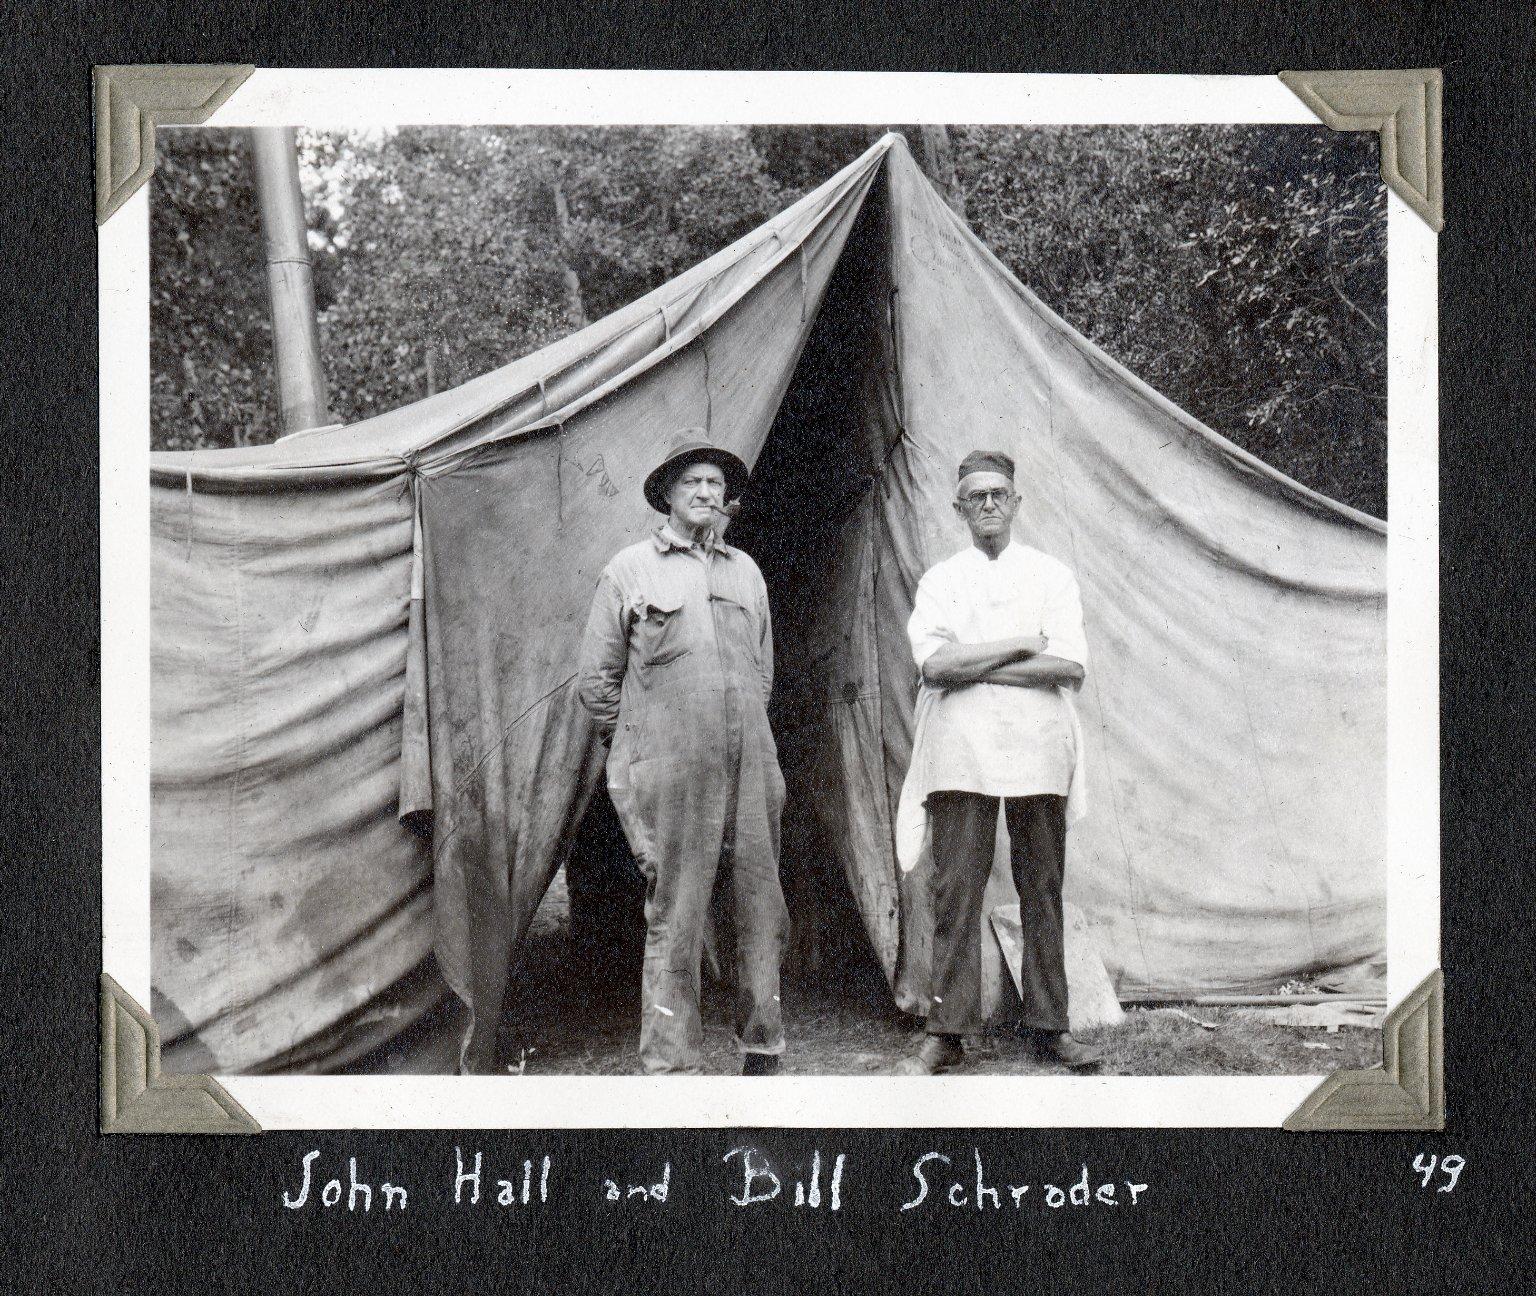 John Hall and Bill Schroder